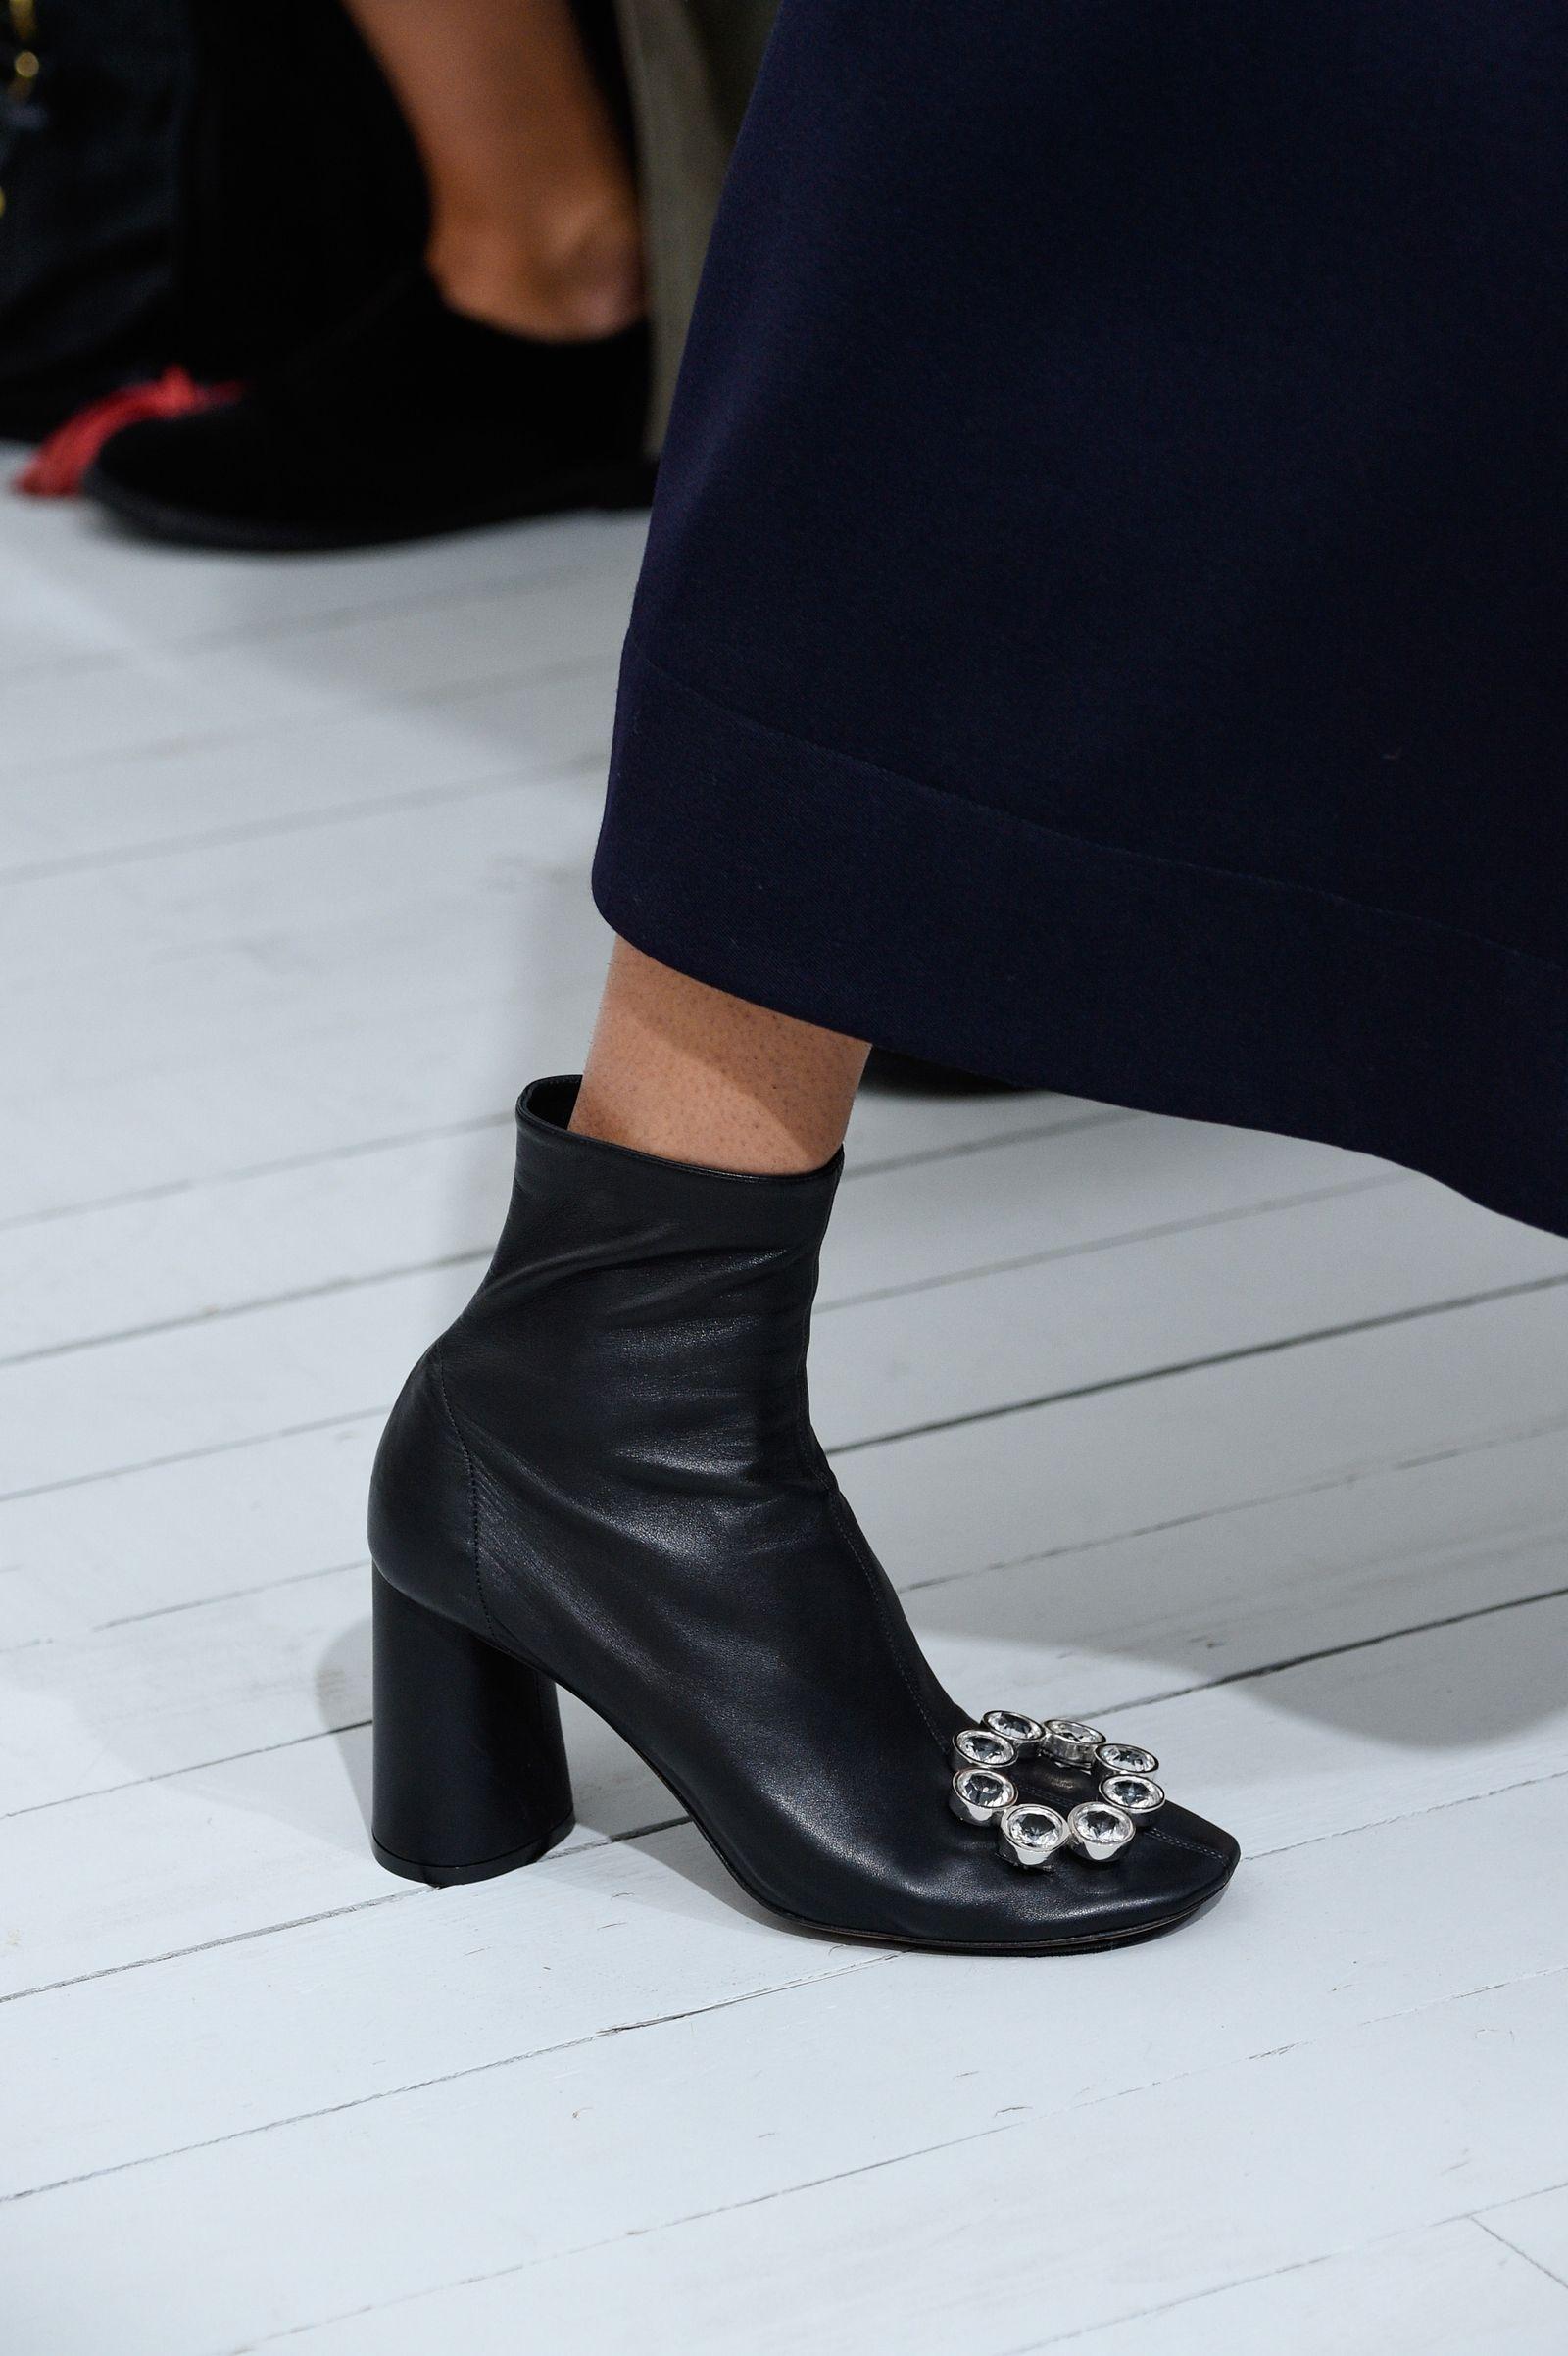 Emilio Pucci İlkbahar Yaz 2017 Aksesuarlar: Çanta ve Ayakkabı